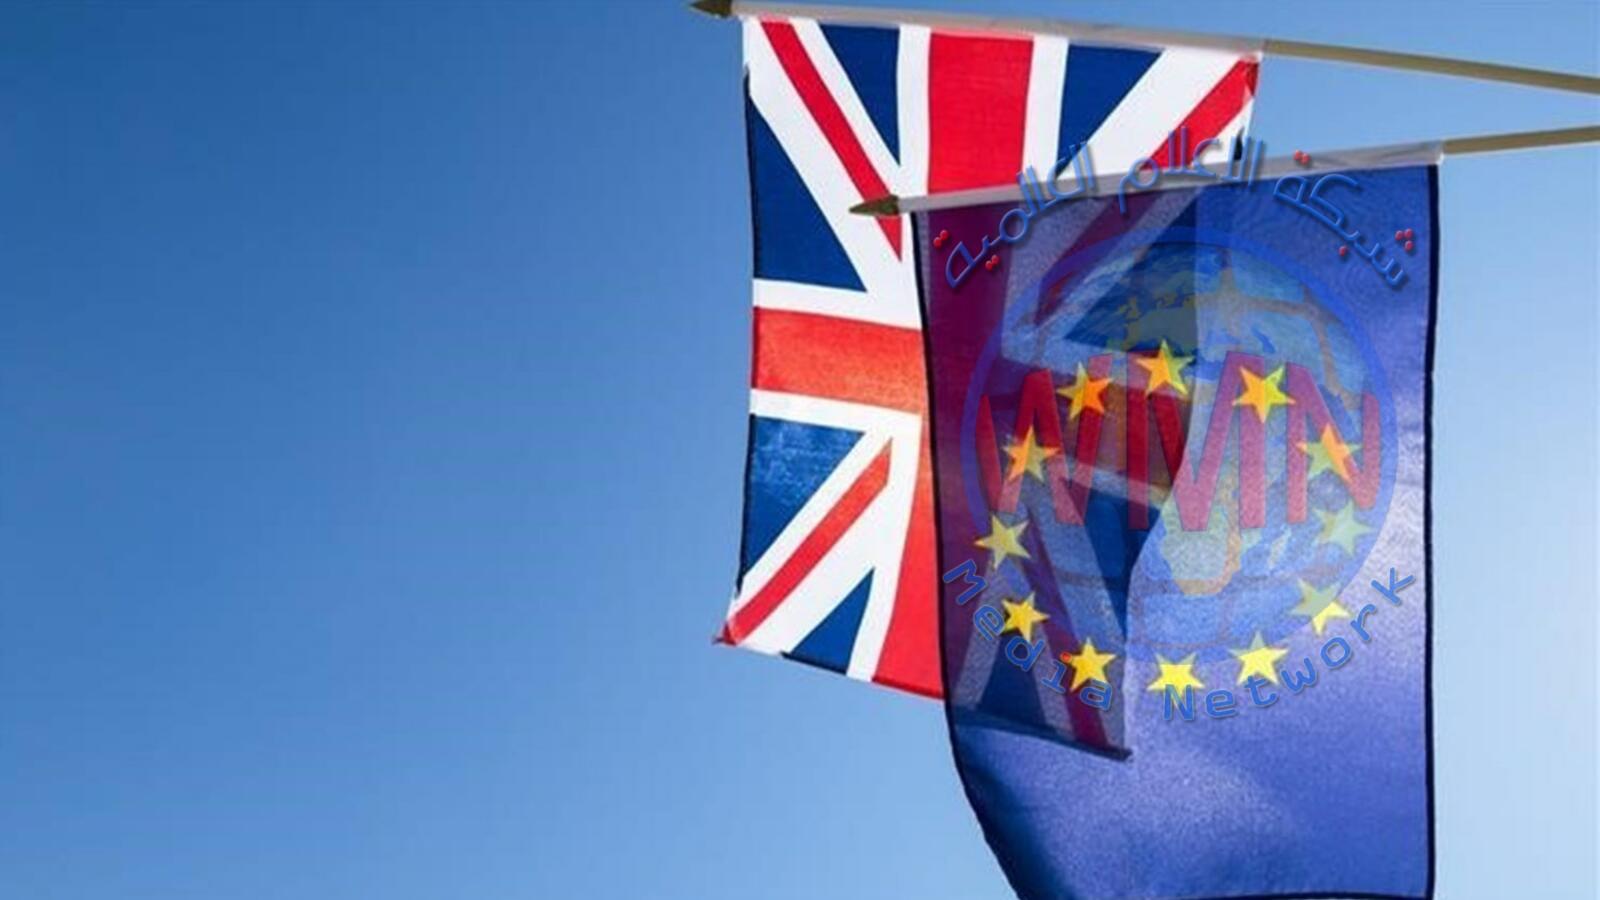 المملكة المتحدة تواجه نقصا في الوقود والغذاء عقب الخروج من الاتحاد الأوروبي